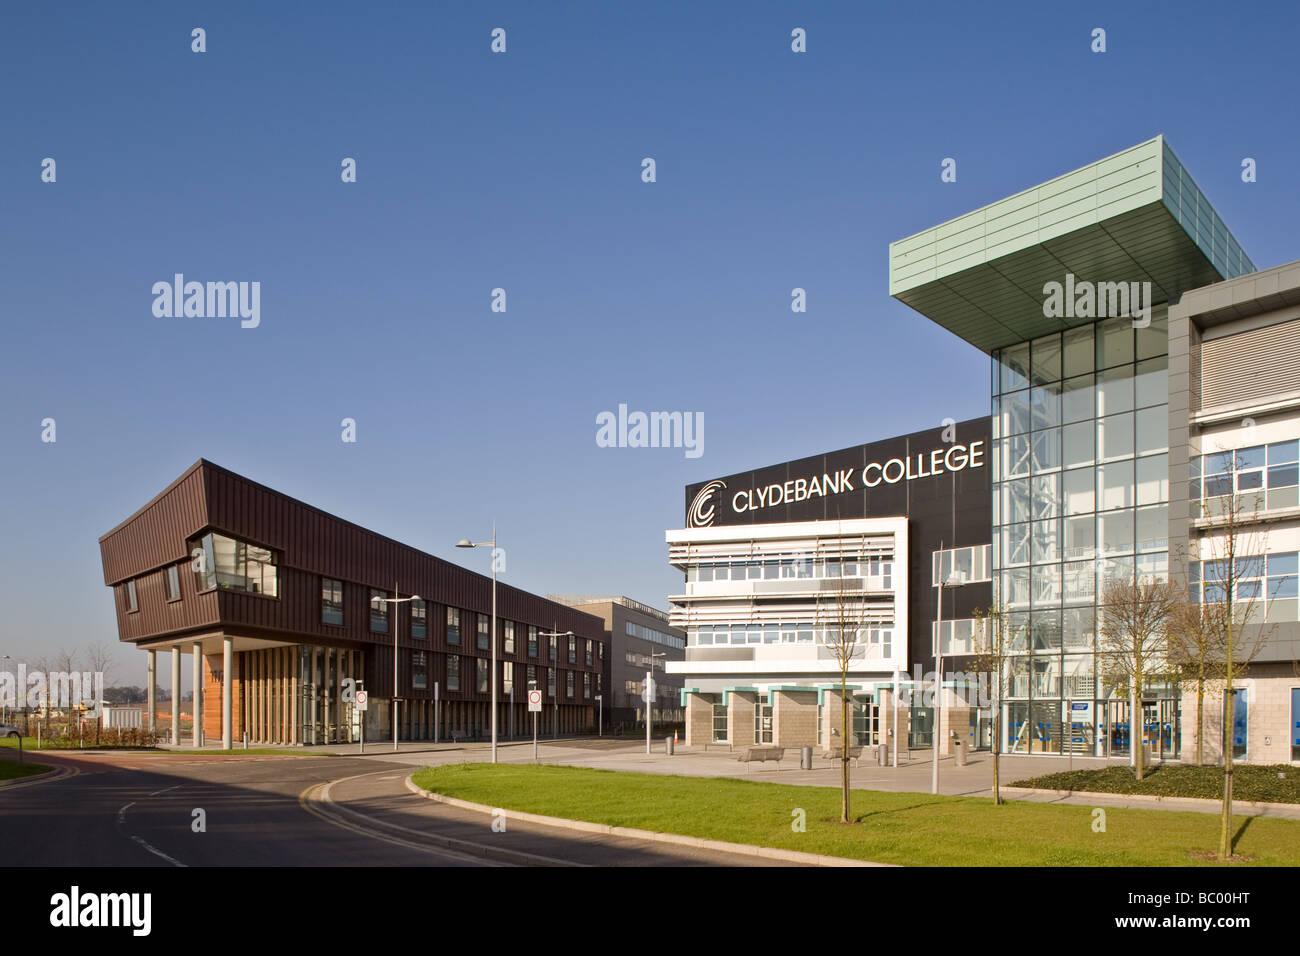 Titan Enterprise Centre and Clydebank College, Clydebank, Scotland. - Stock Image